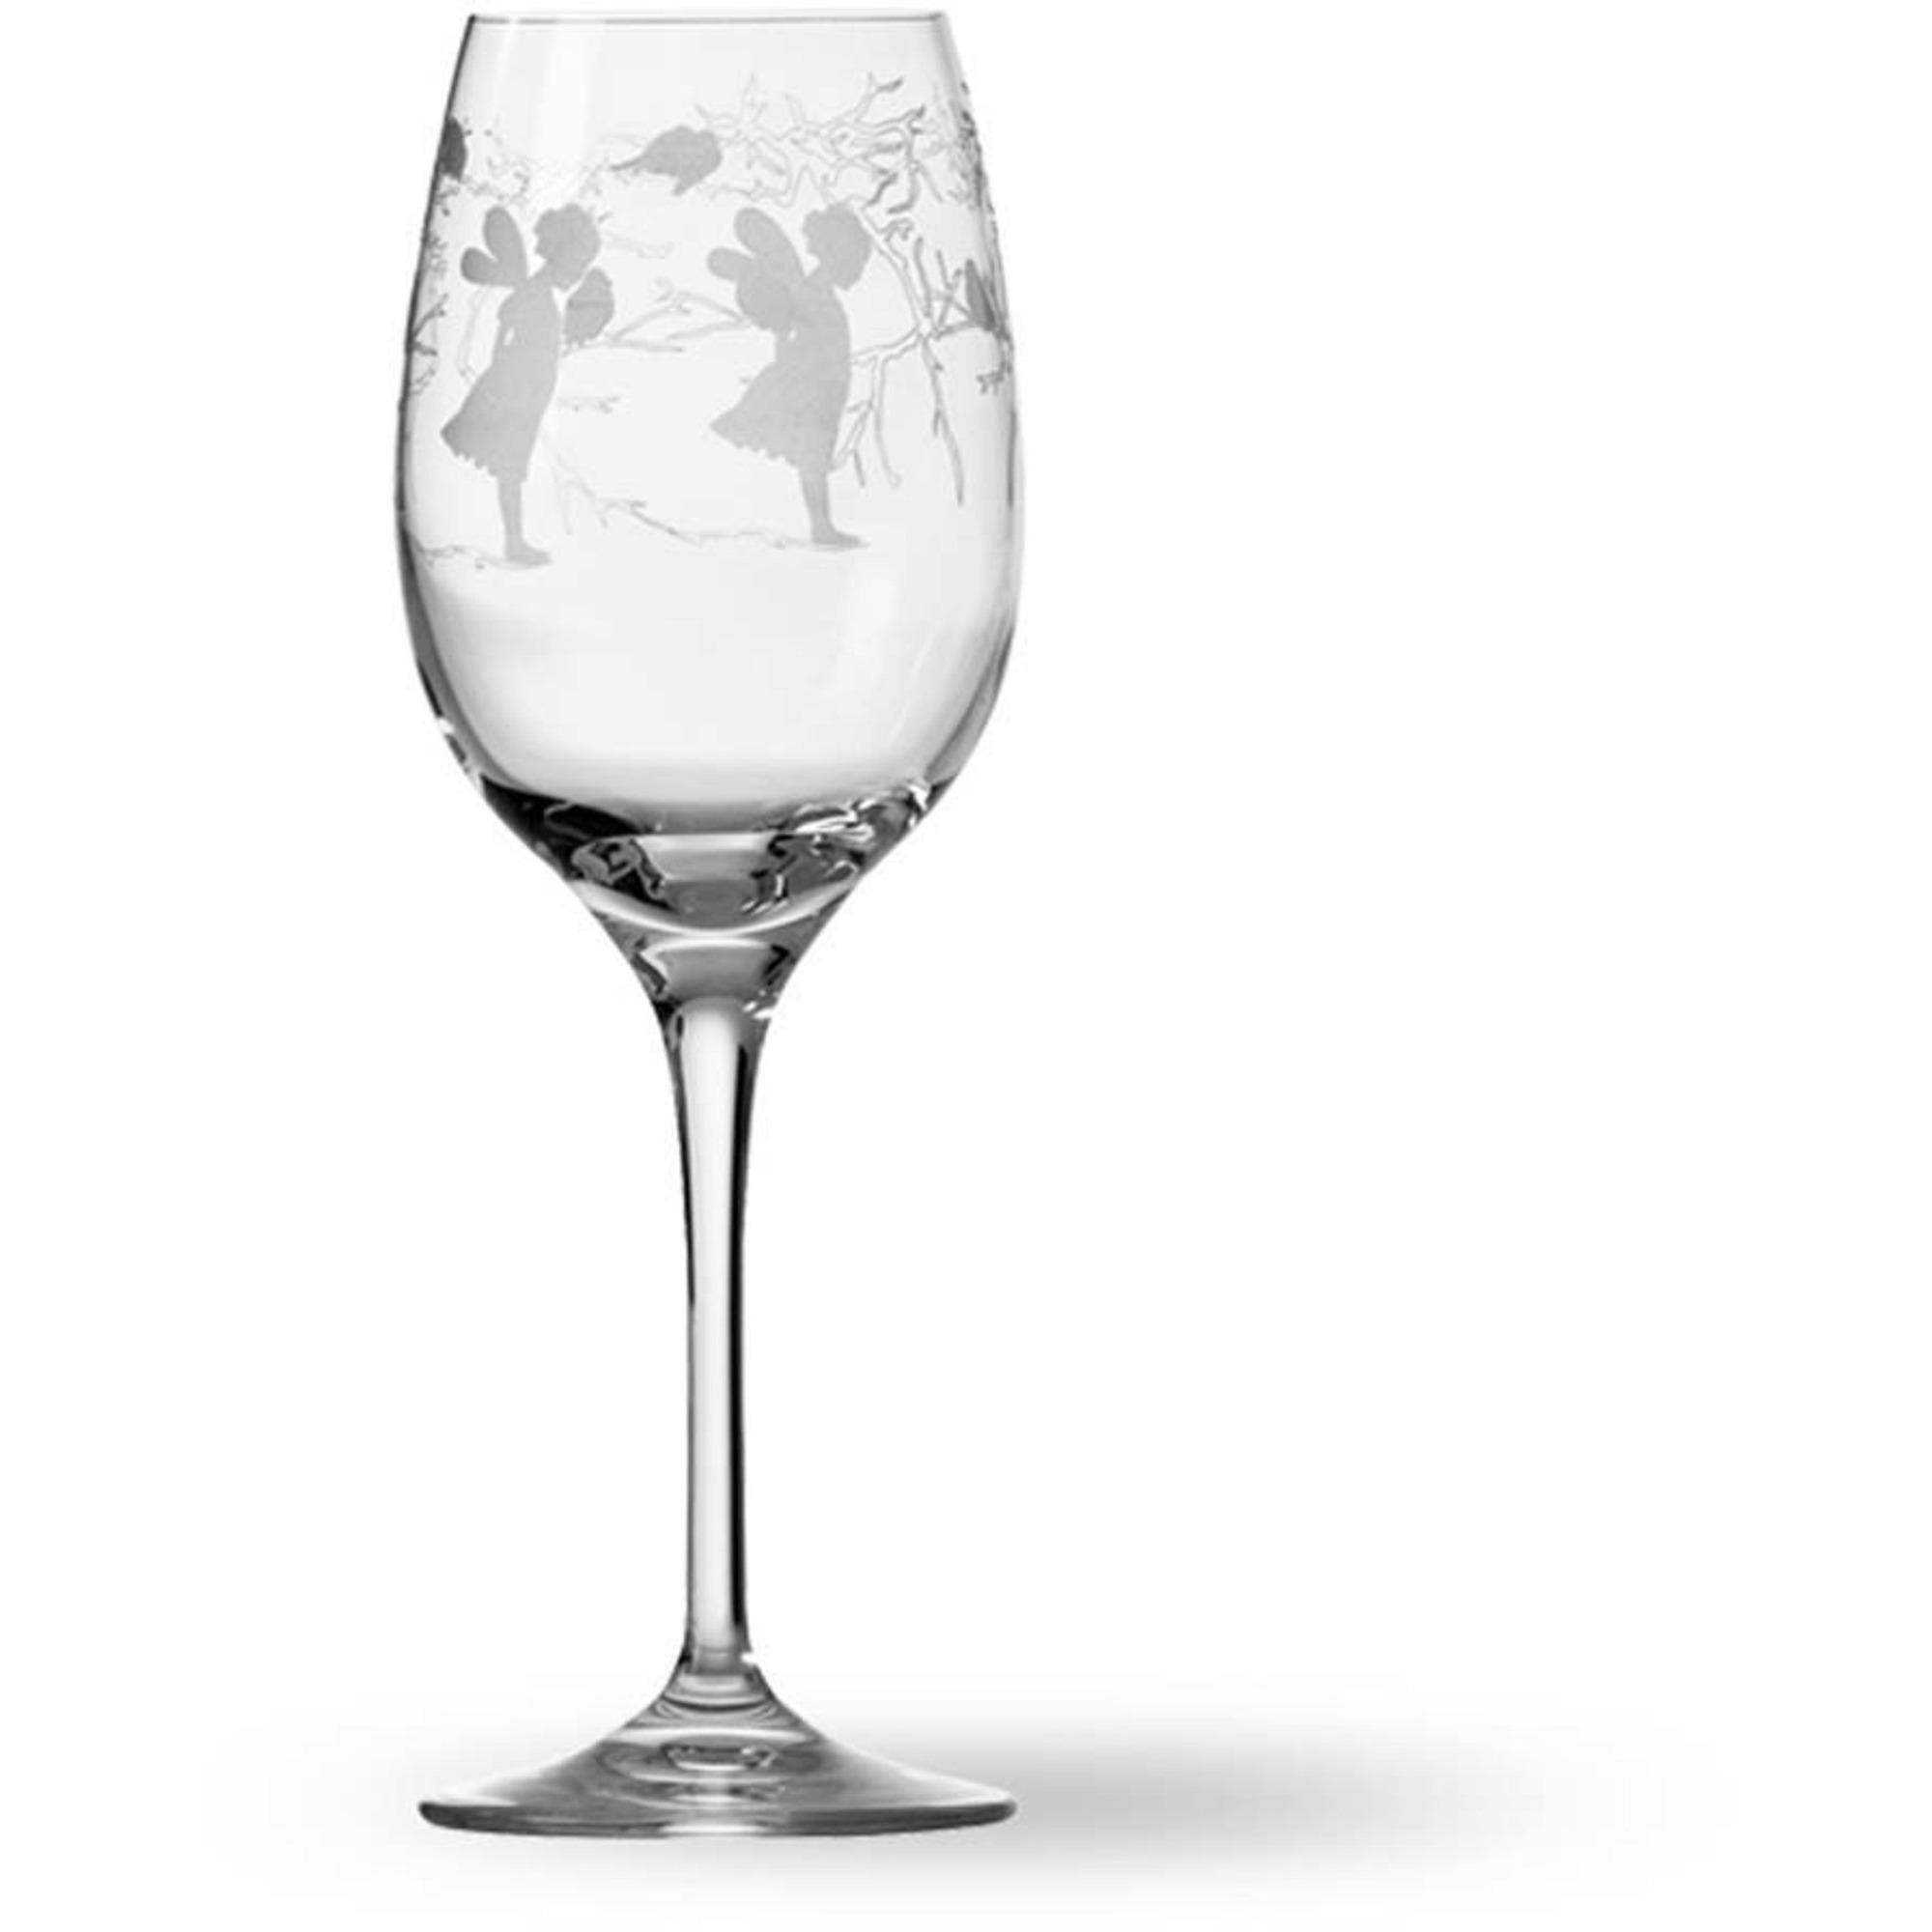 Wik & Walsøe Alv Vitvinsglas 38 cl